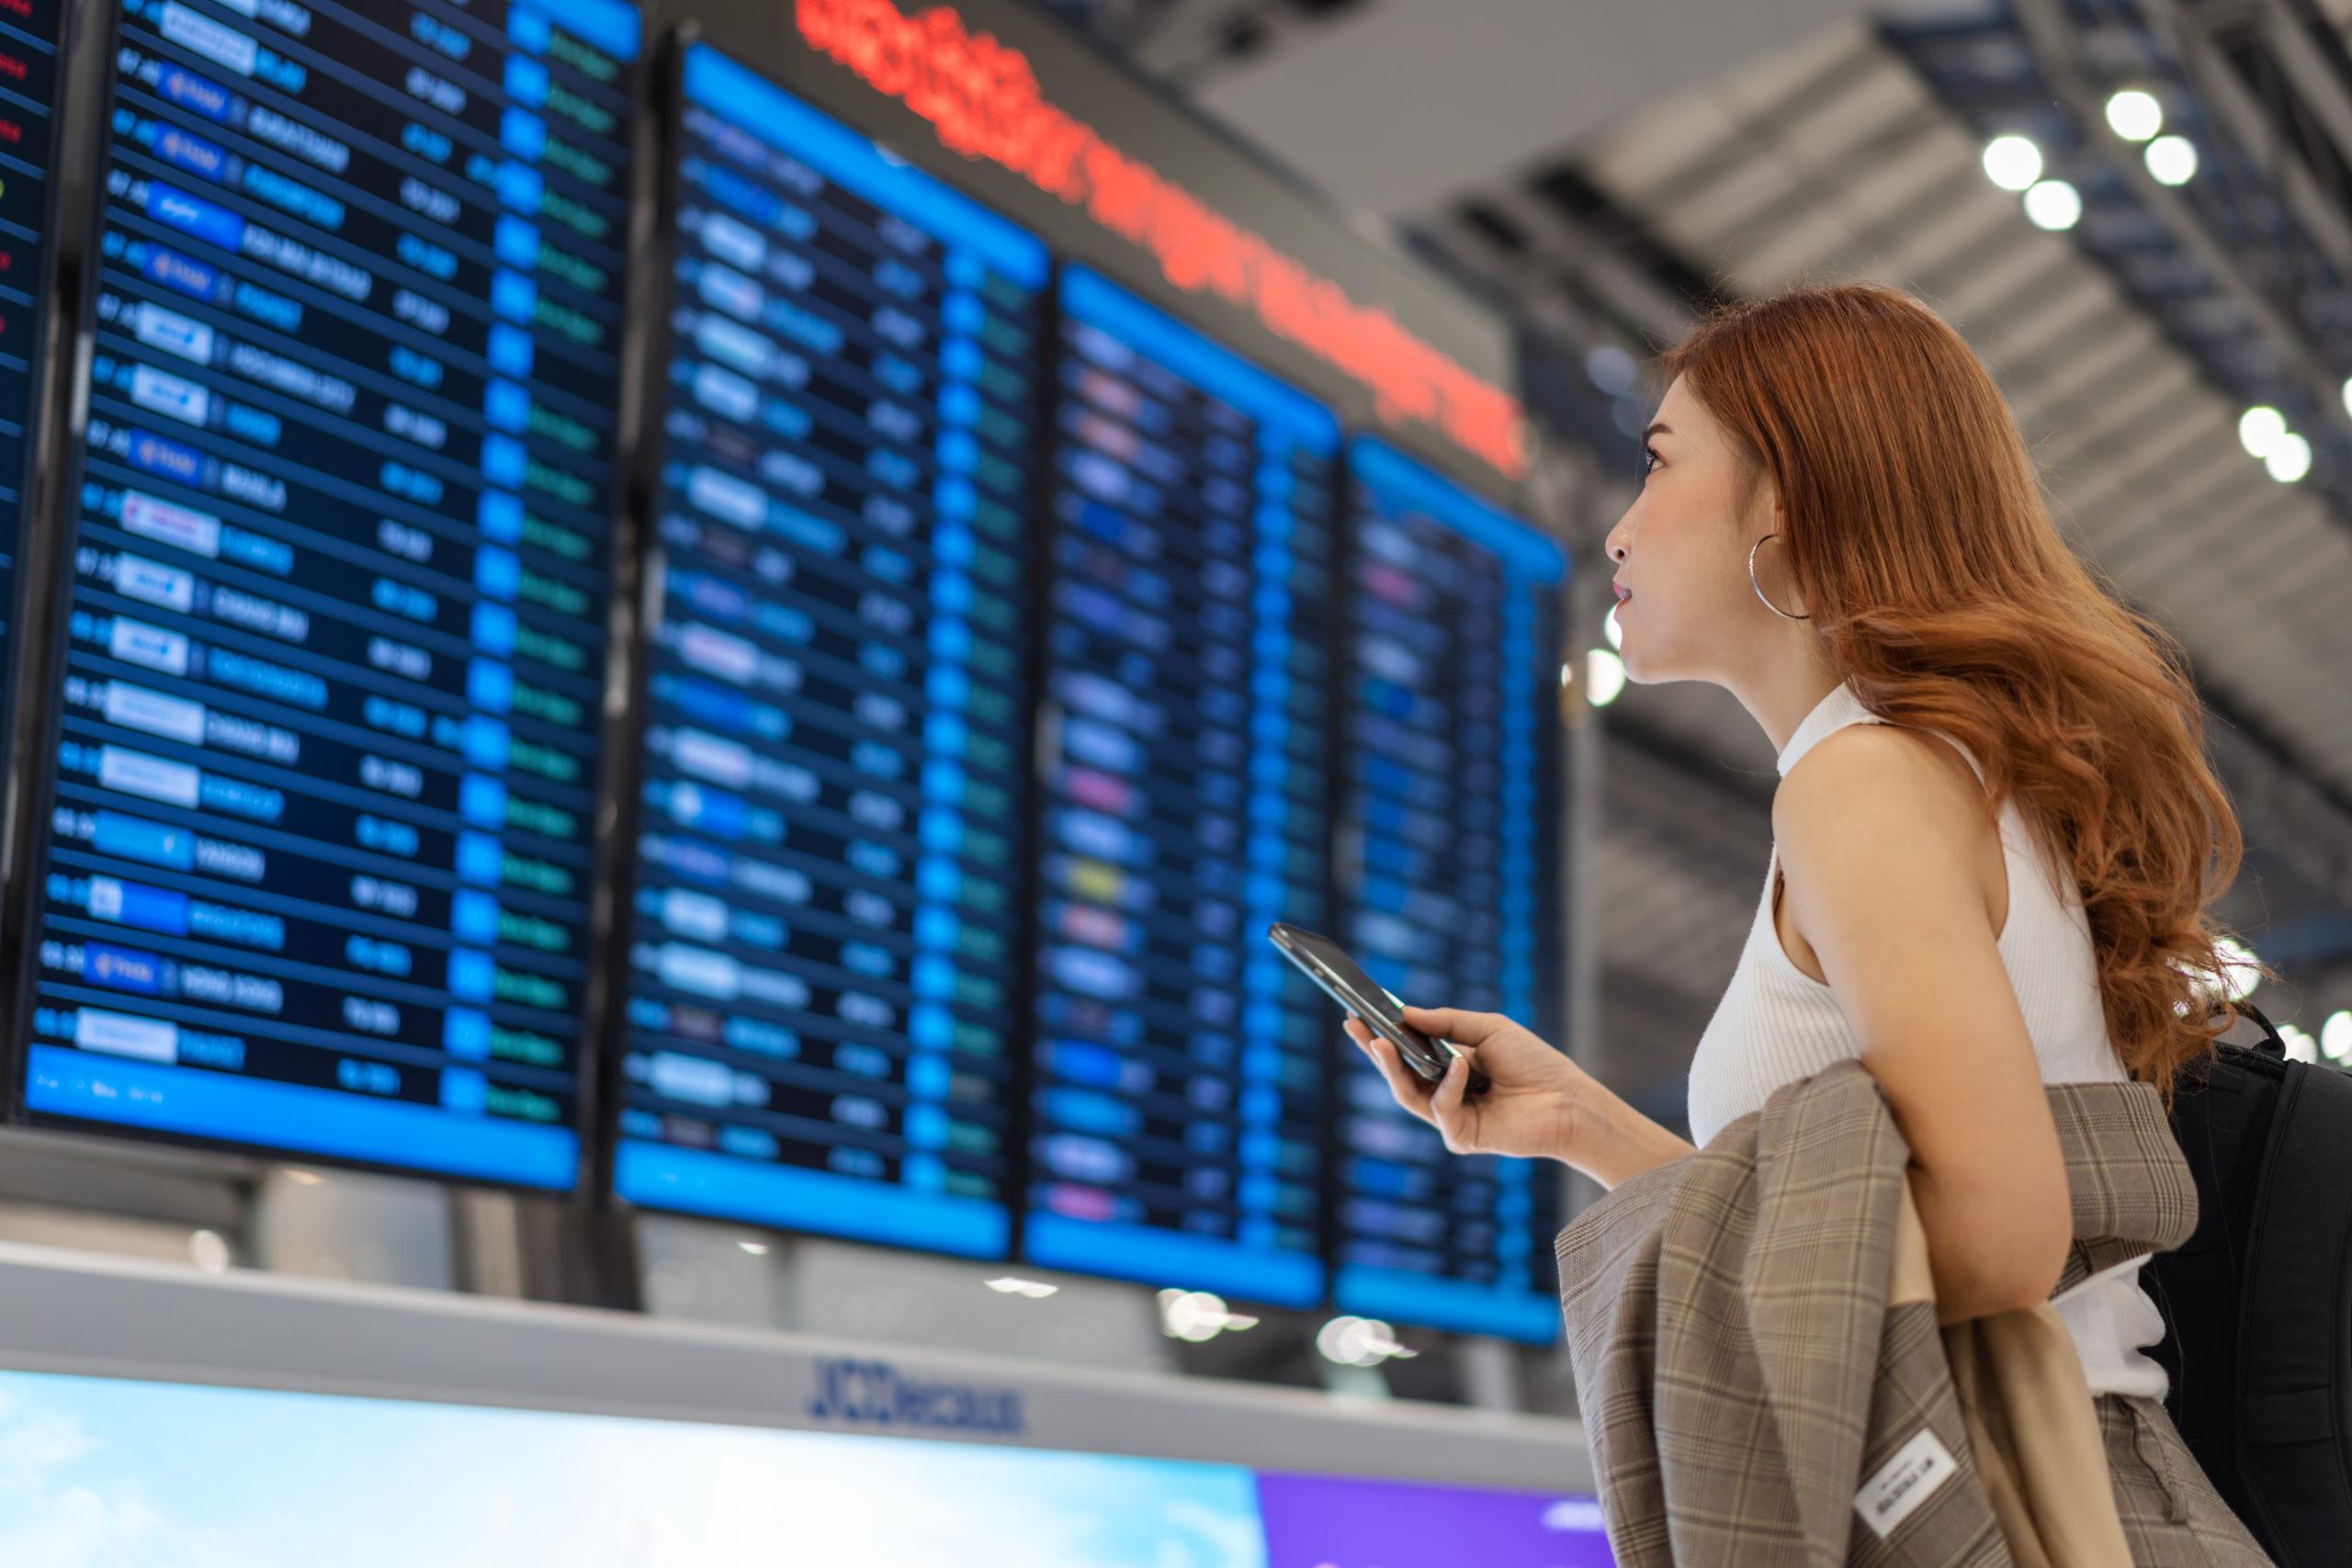 Atraso de voo: saiba quais são seus direitos